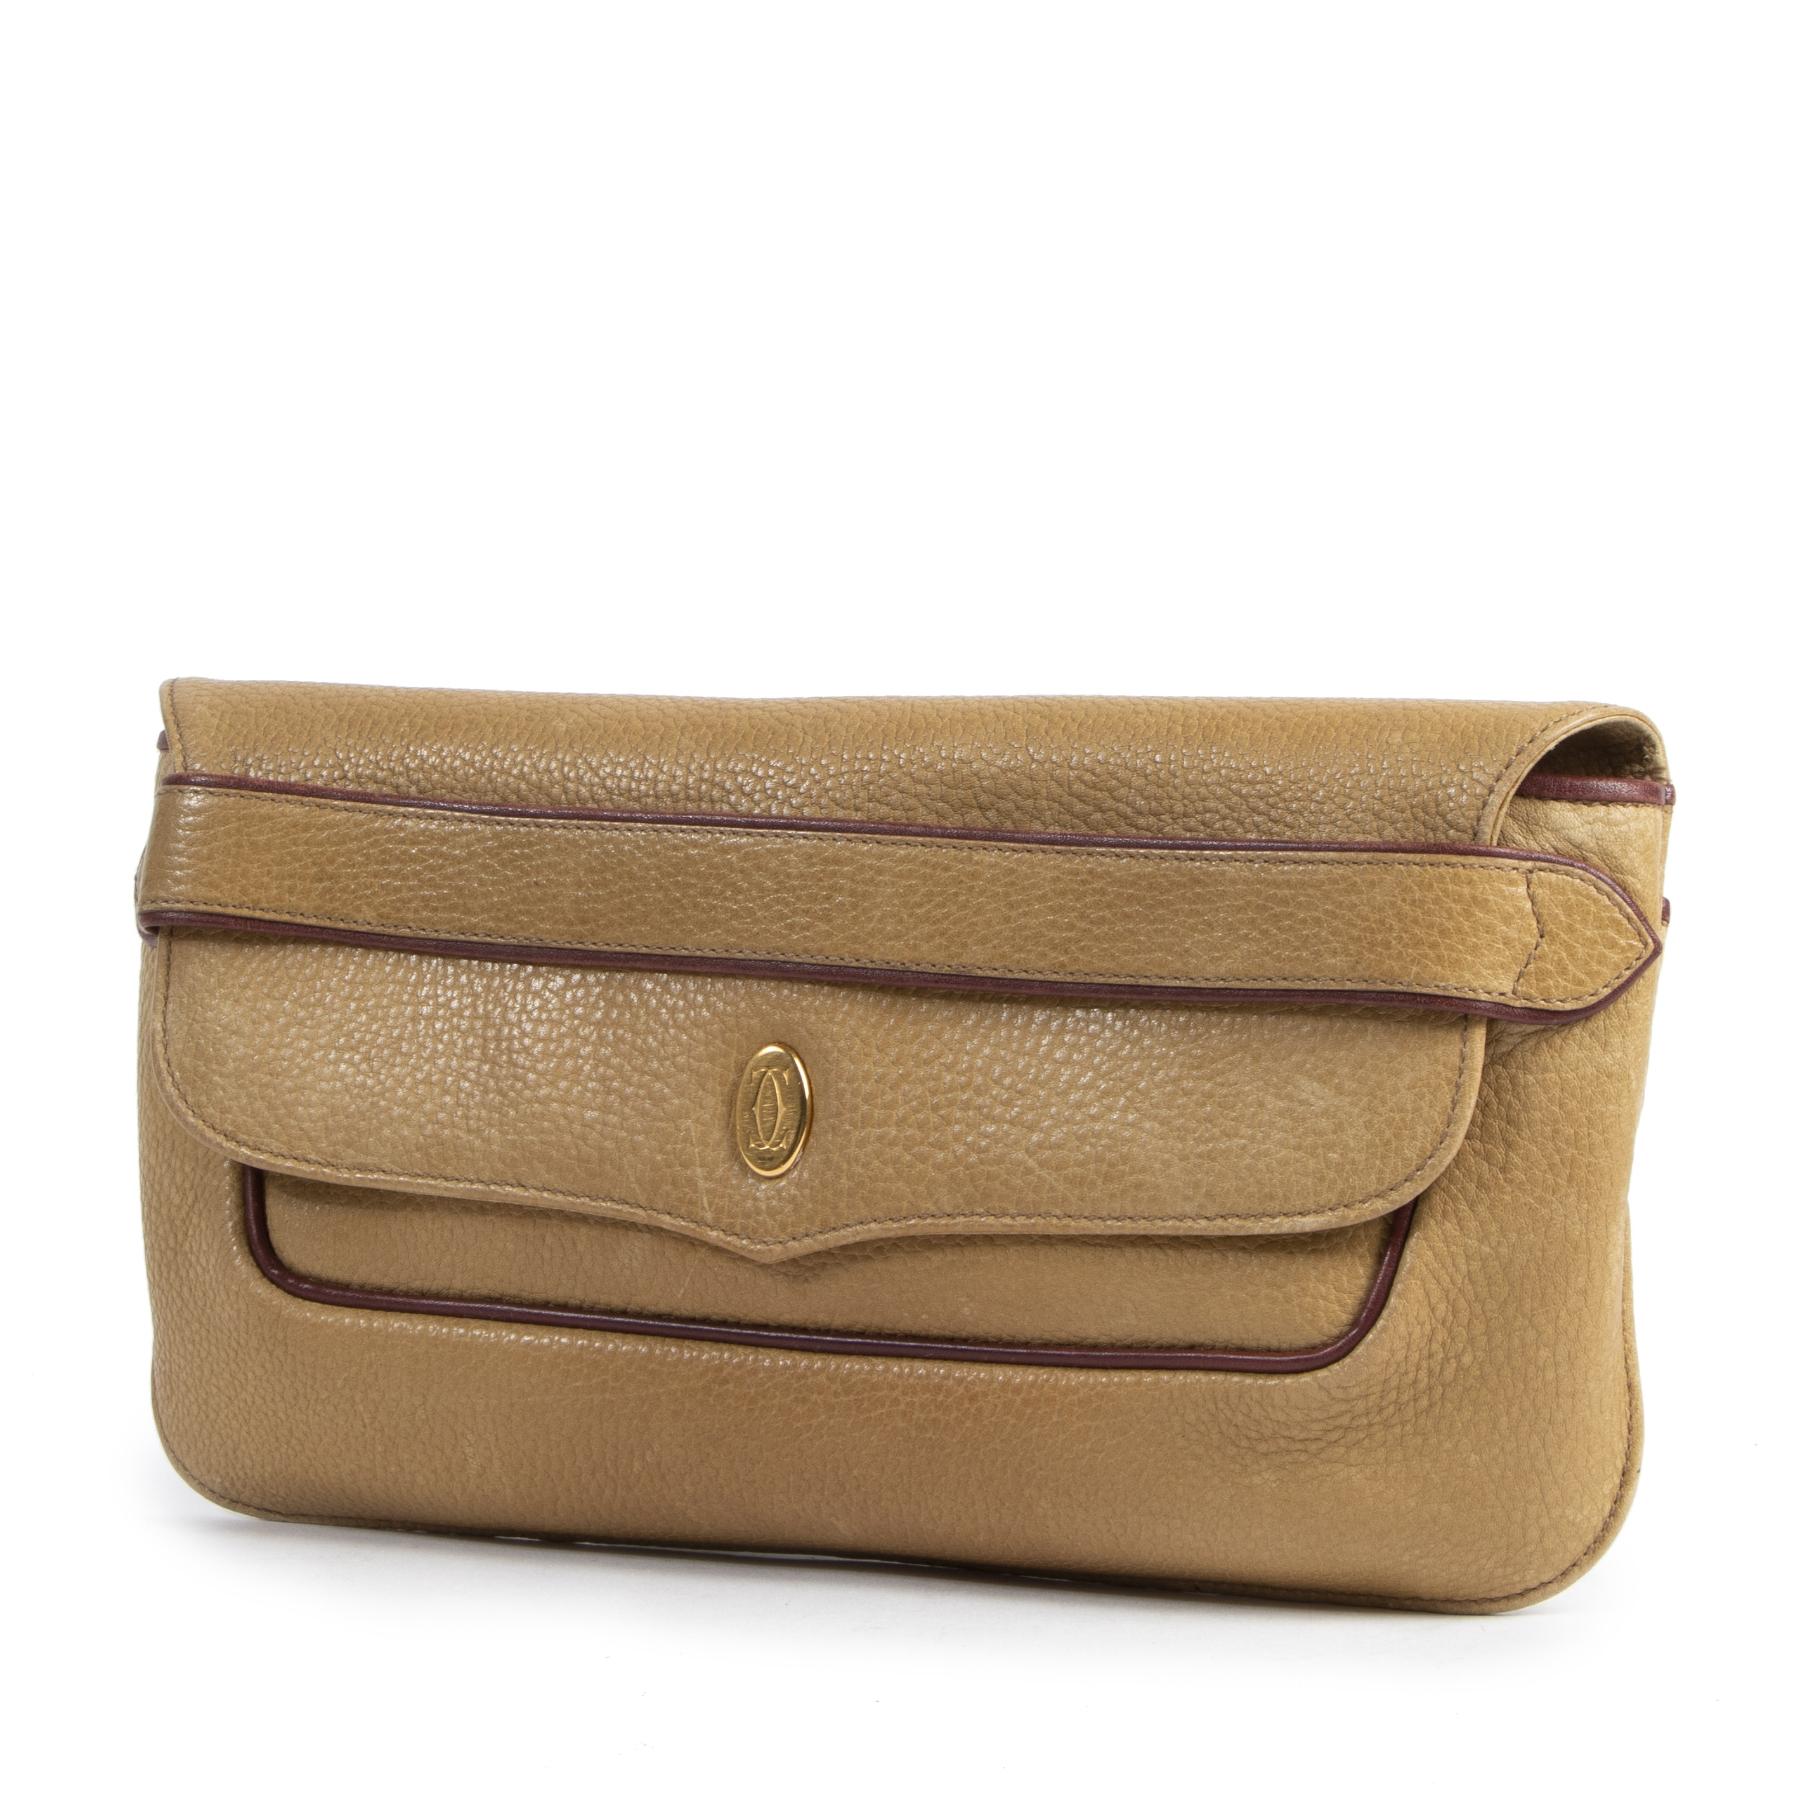 Authentieke Tweedehands Cartier Ochre Leather Clutch juiste prijs veilig online shoppen luxe merken webshop winkelen Antwerpen België mode fashion